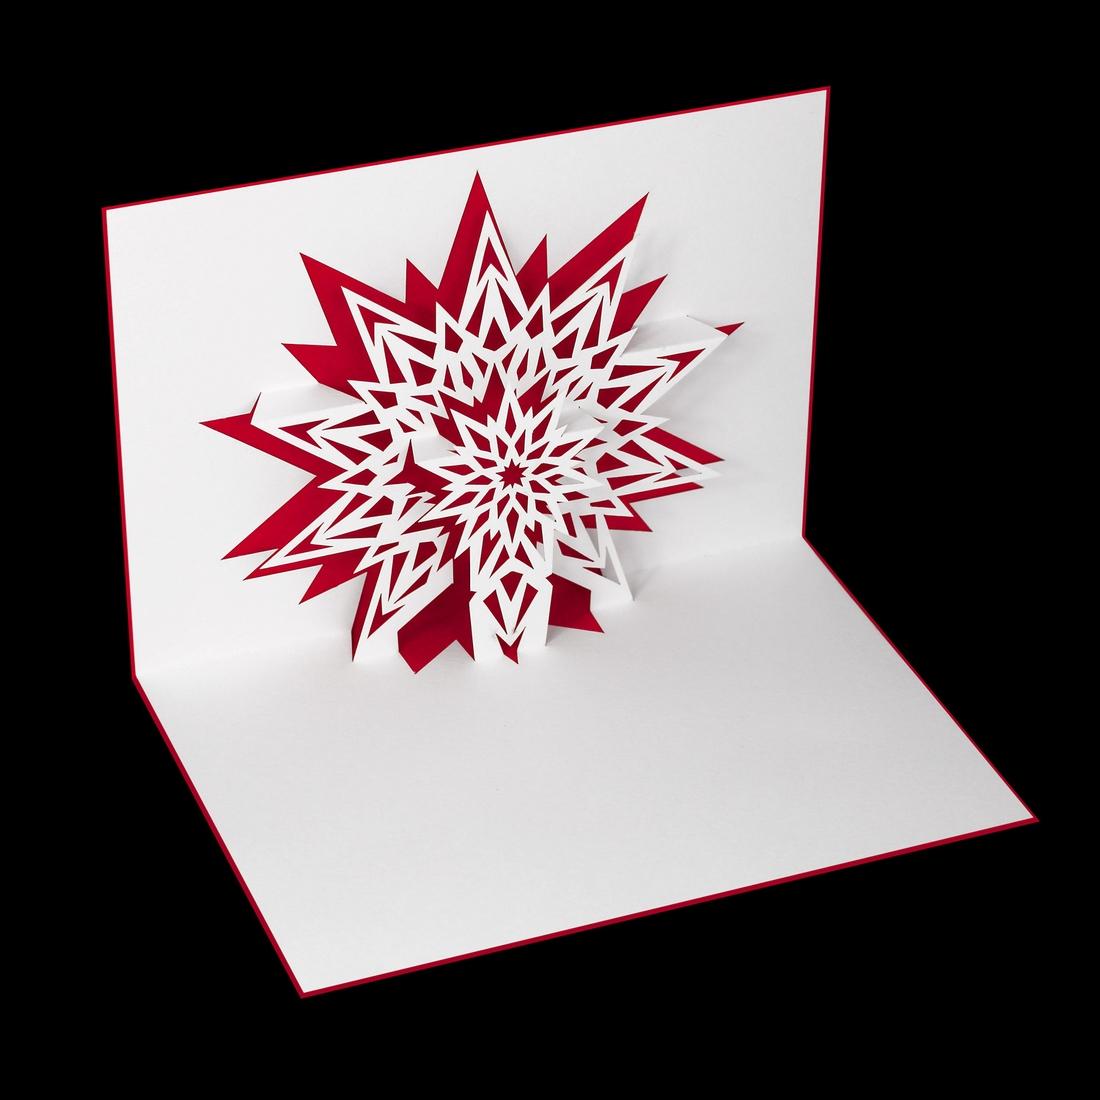 15-Peter-Dahmen-3D-Paper-Construction-Pop-Up-Cards-Videos-www-designstack-co